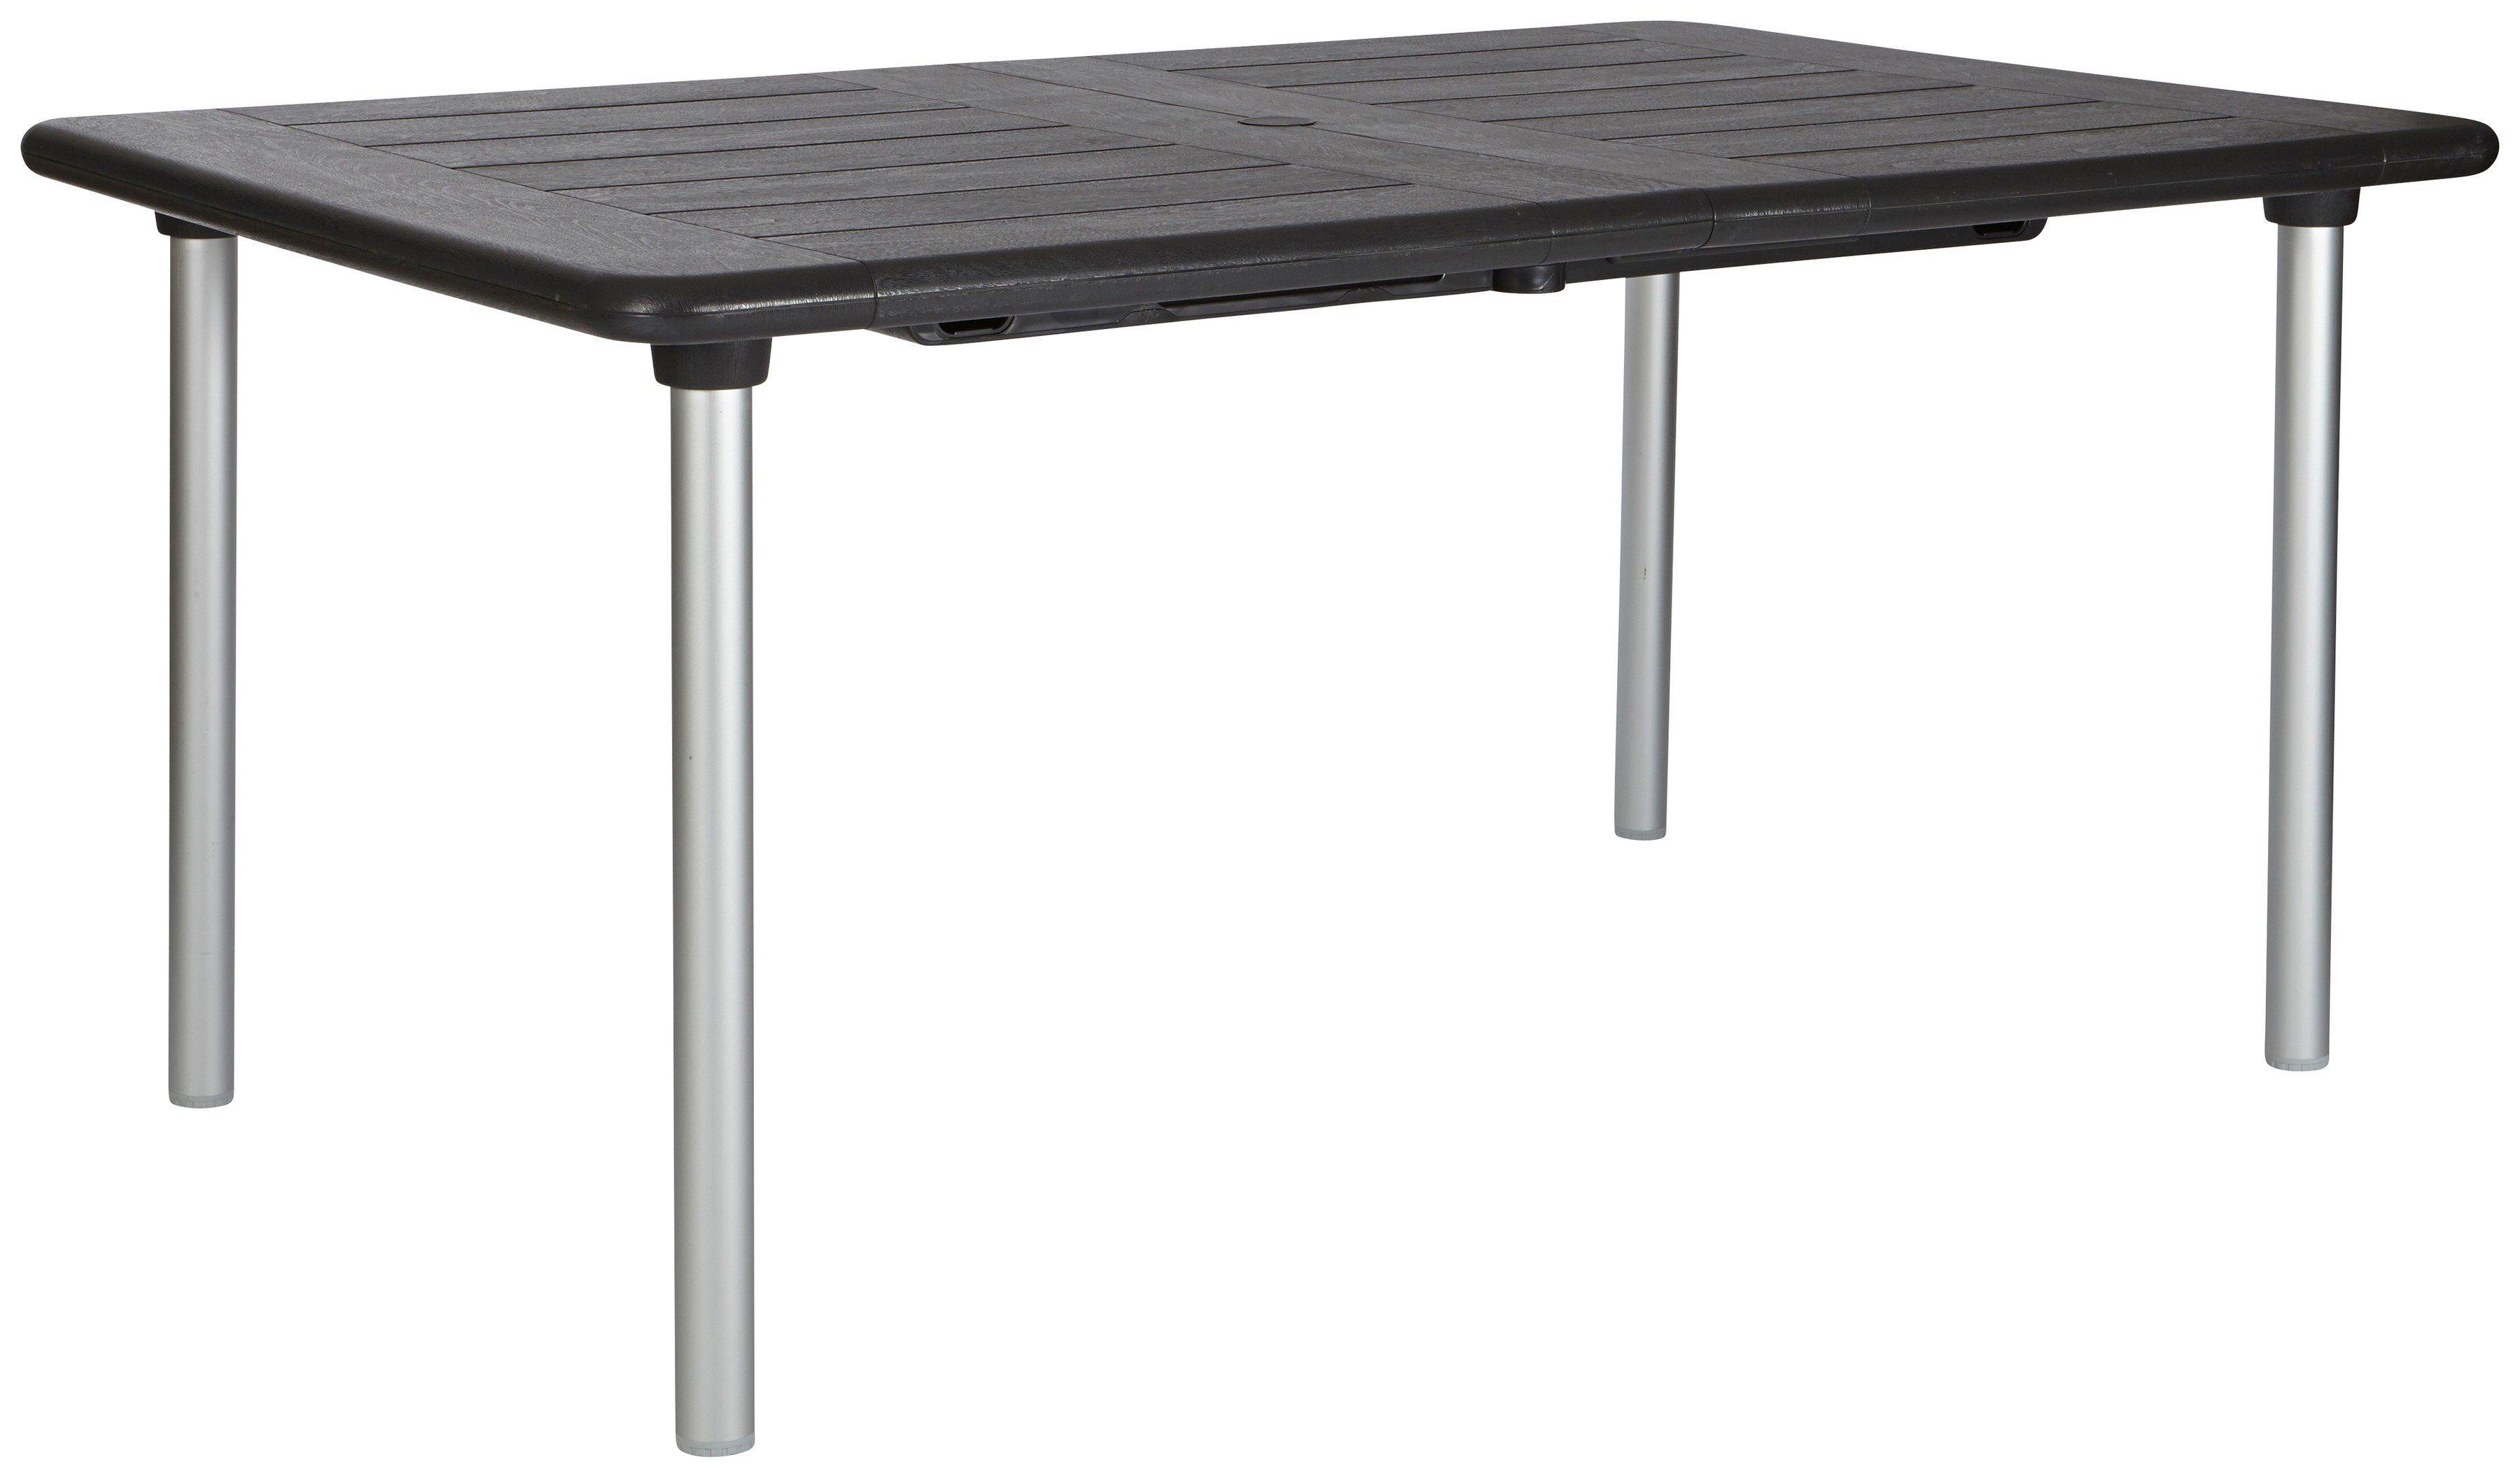 Best Gartentisch »Tavolo«, ausziehbar, Kunststoff, 160-220x100 cm